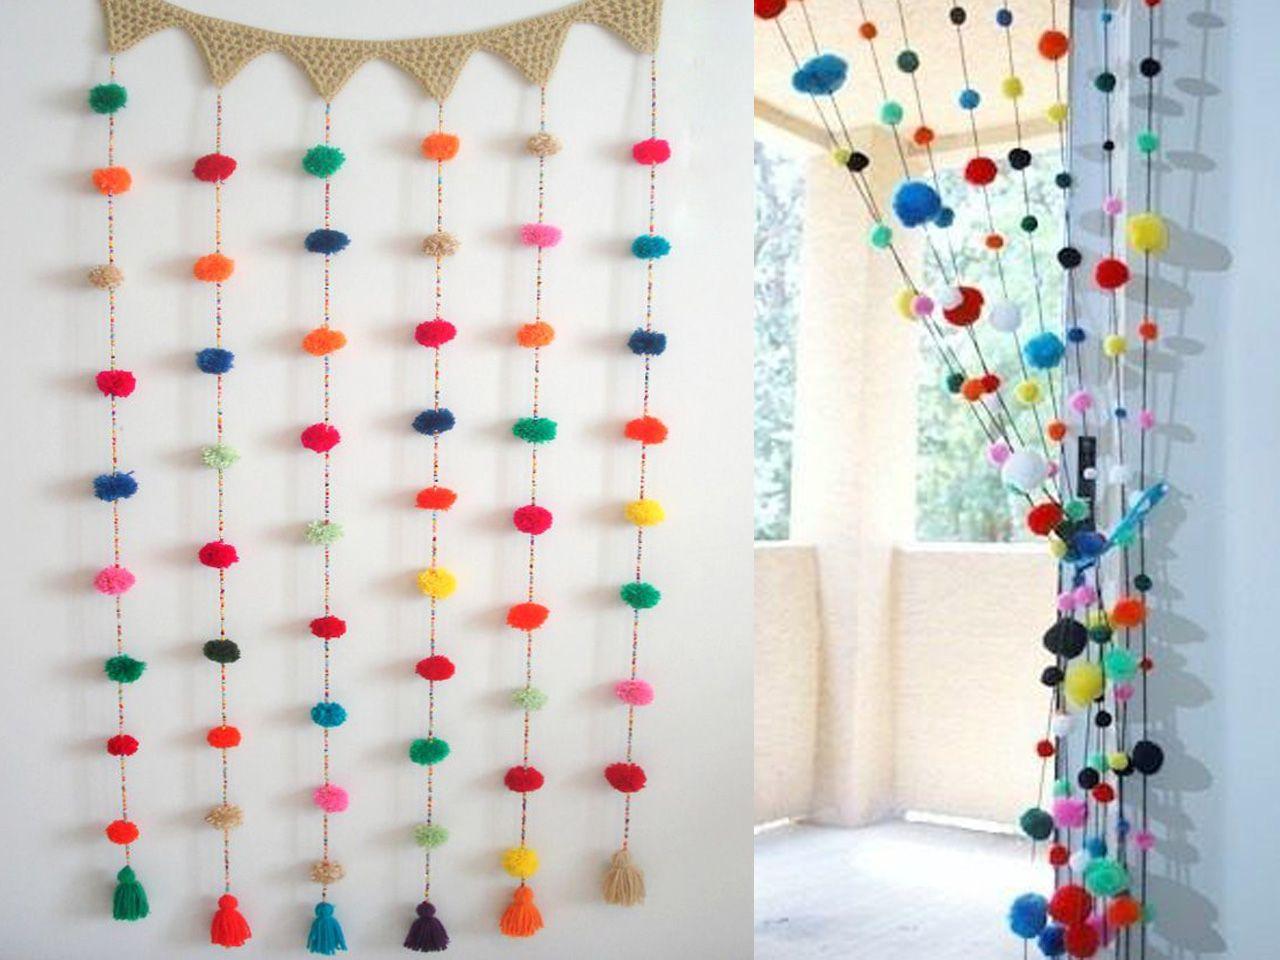 Tende a fili realizzate con lavorazione all uncinetto - Formas de cortinas ...